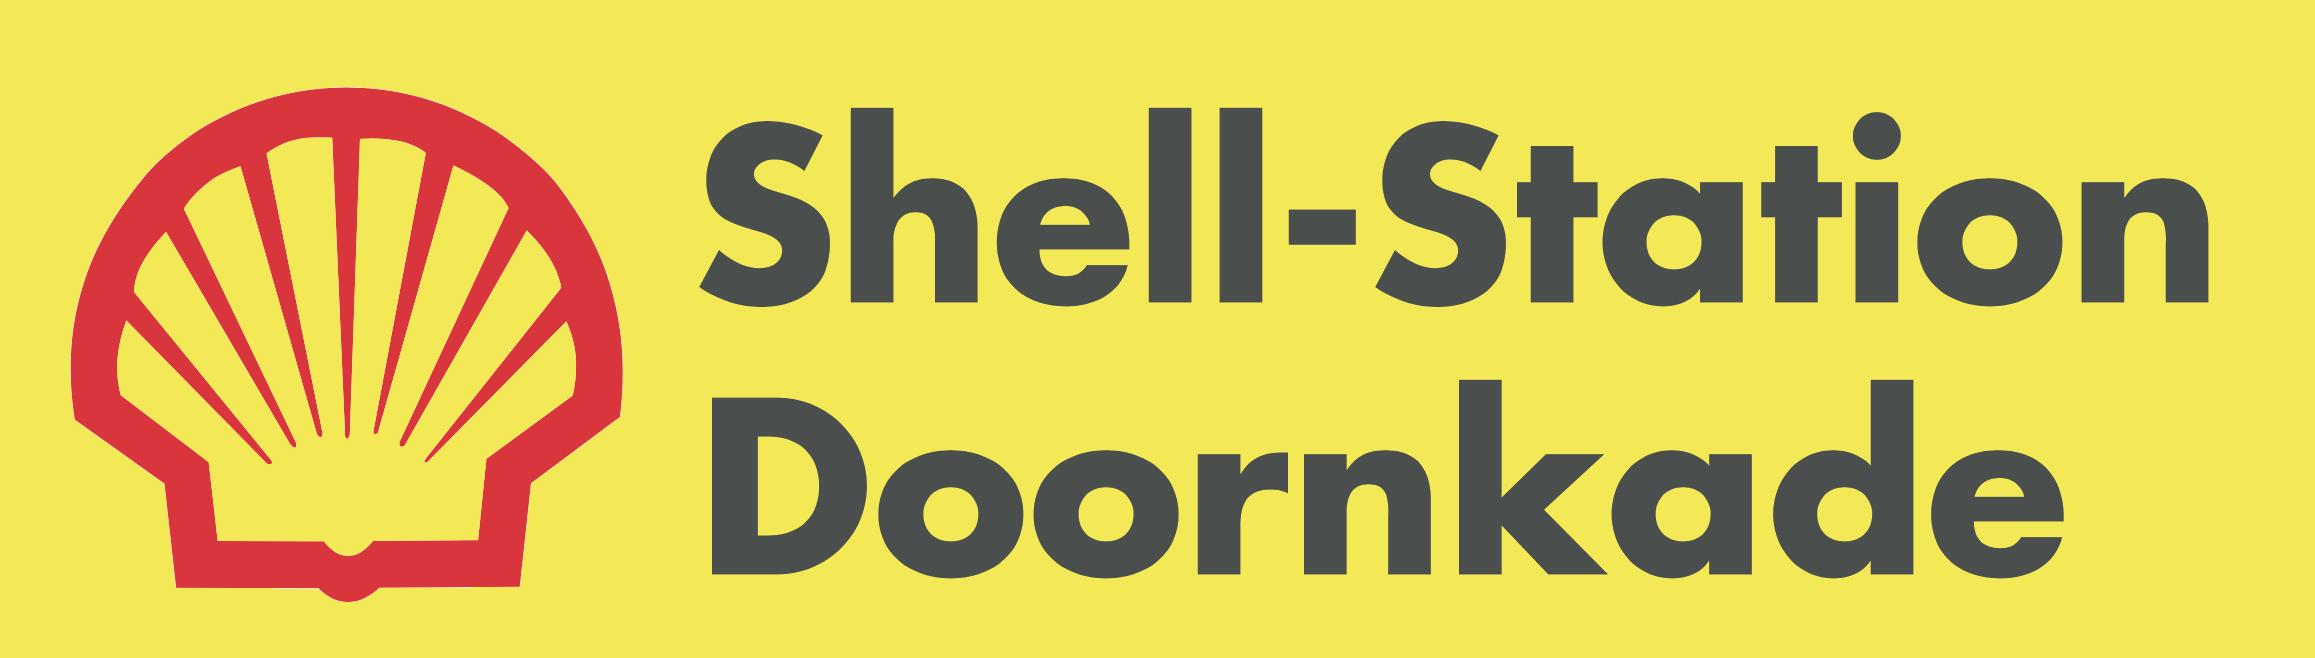 Shell Doornkade